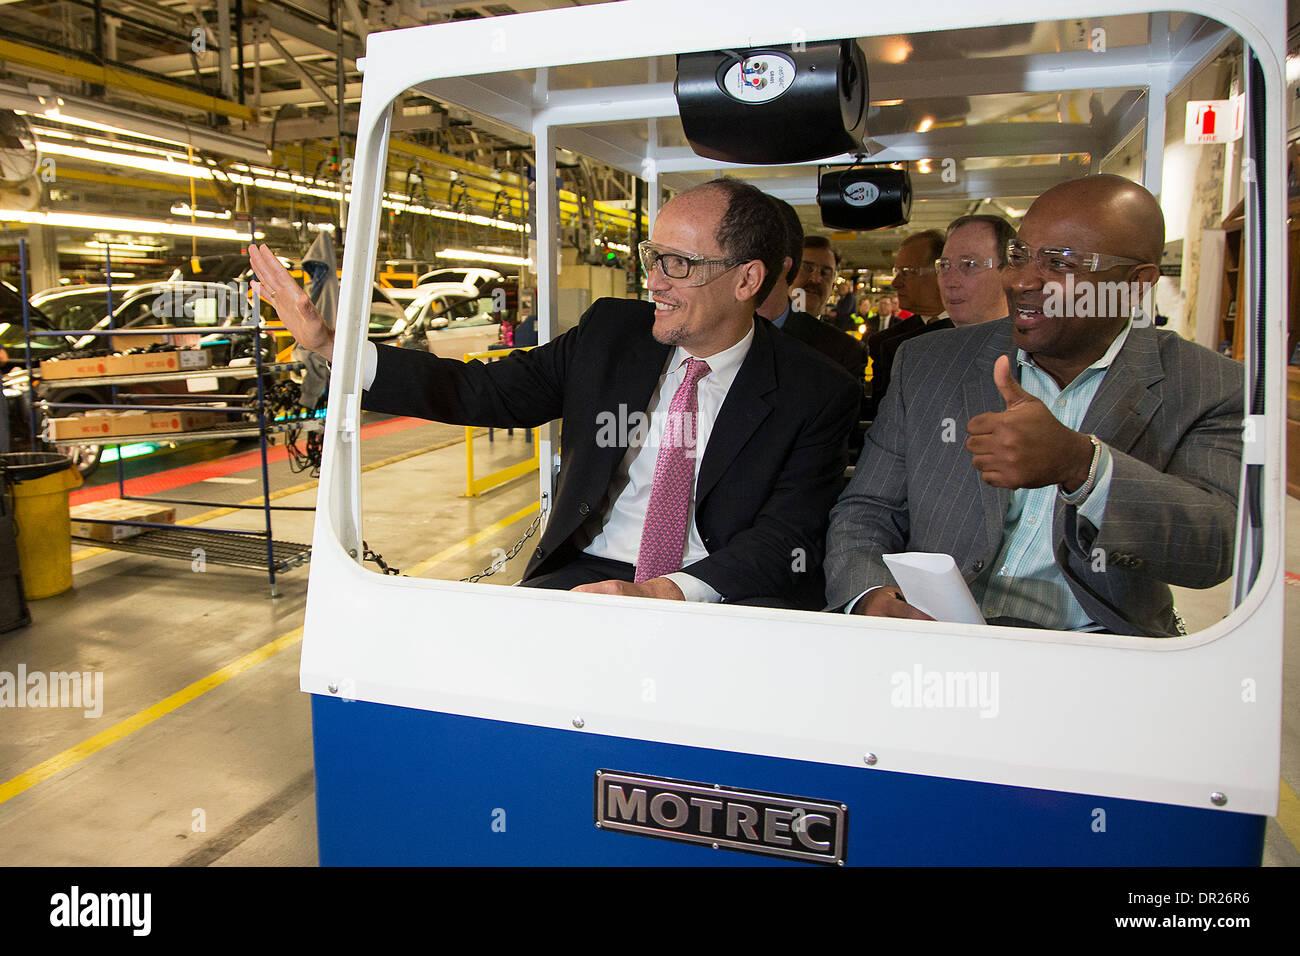 US-Arbeitsminister Thomas Perez während eines Besuchs in der Ford Motor Company Louisville Montagewerk 20. November 2013 in Louisville, KY. Stockbild